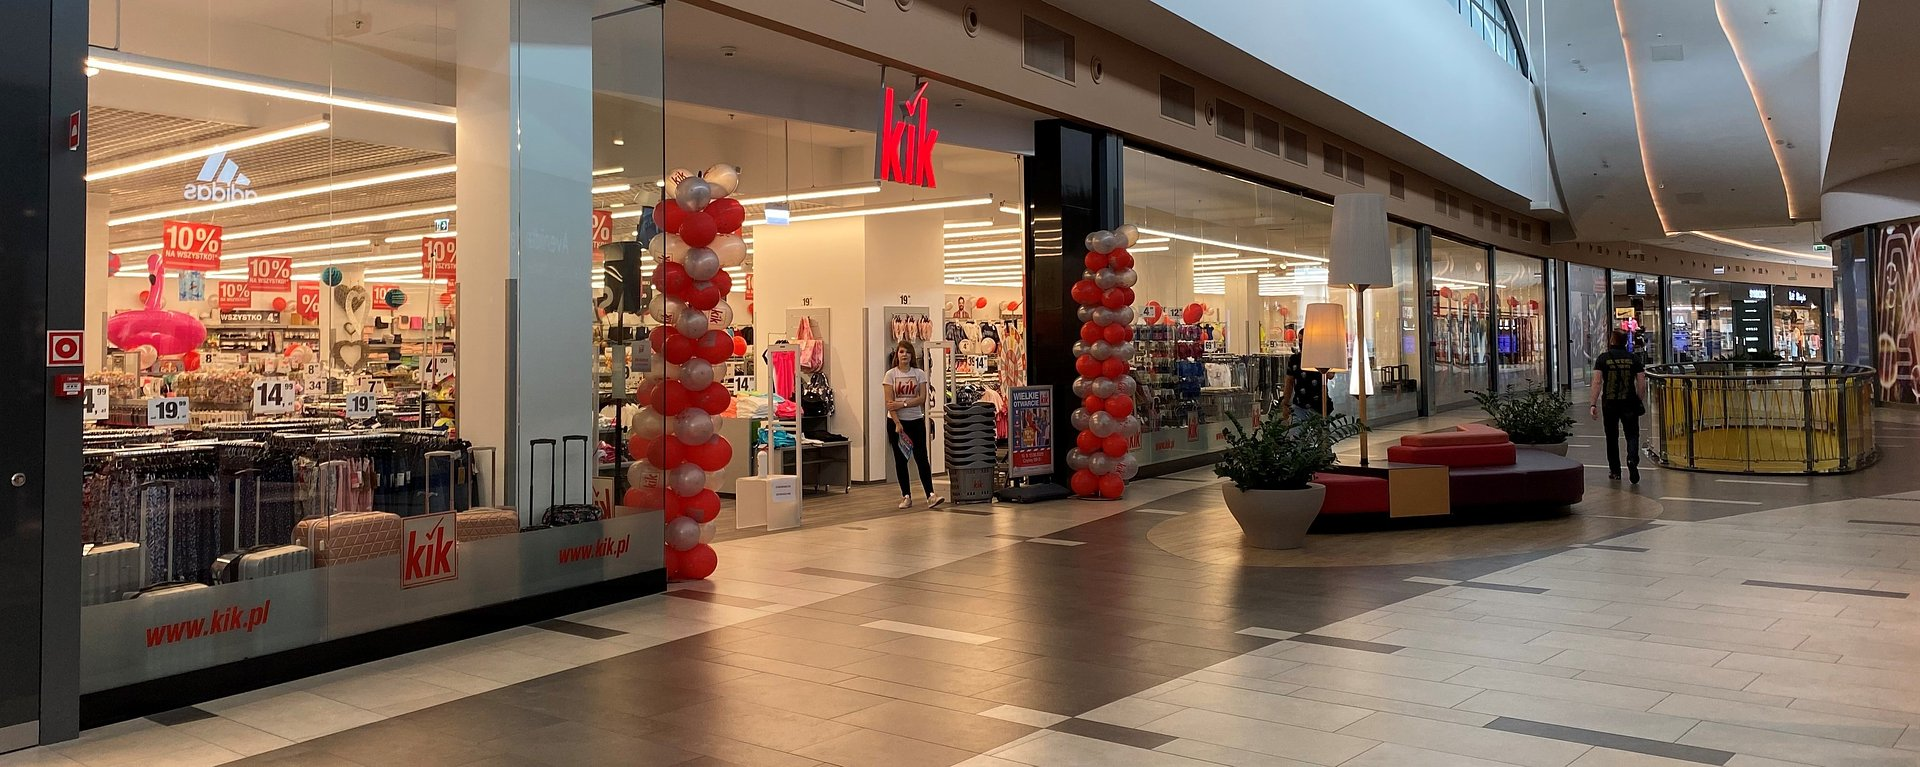 Klient jest Królem – czyli otwarcie sklepu KiK w Avenidzie Poznań